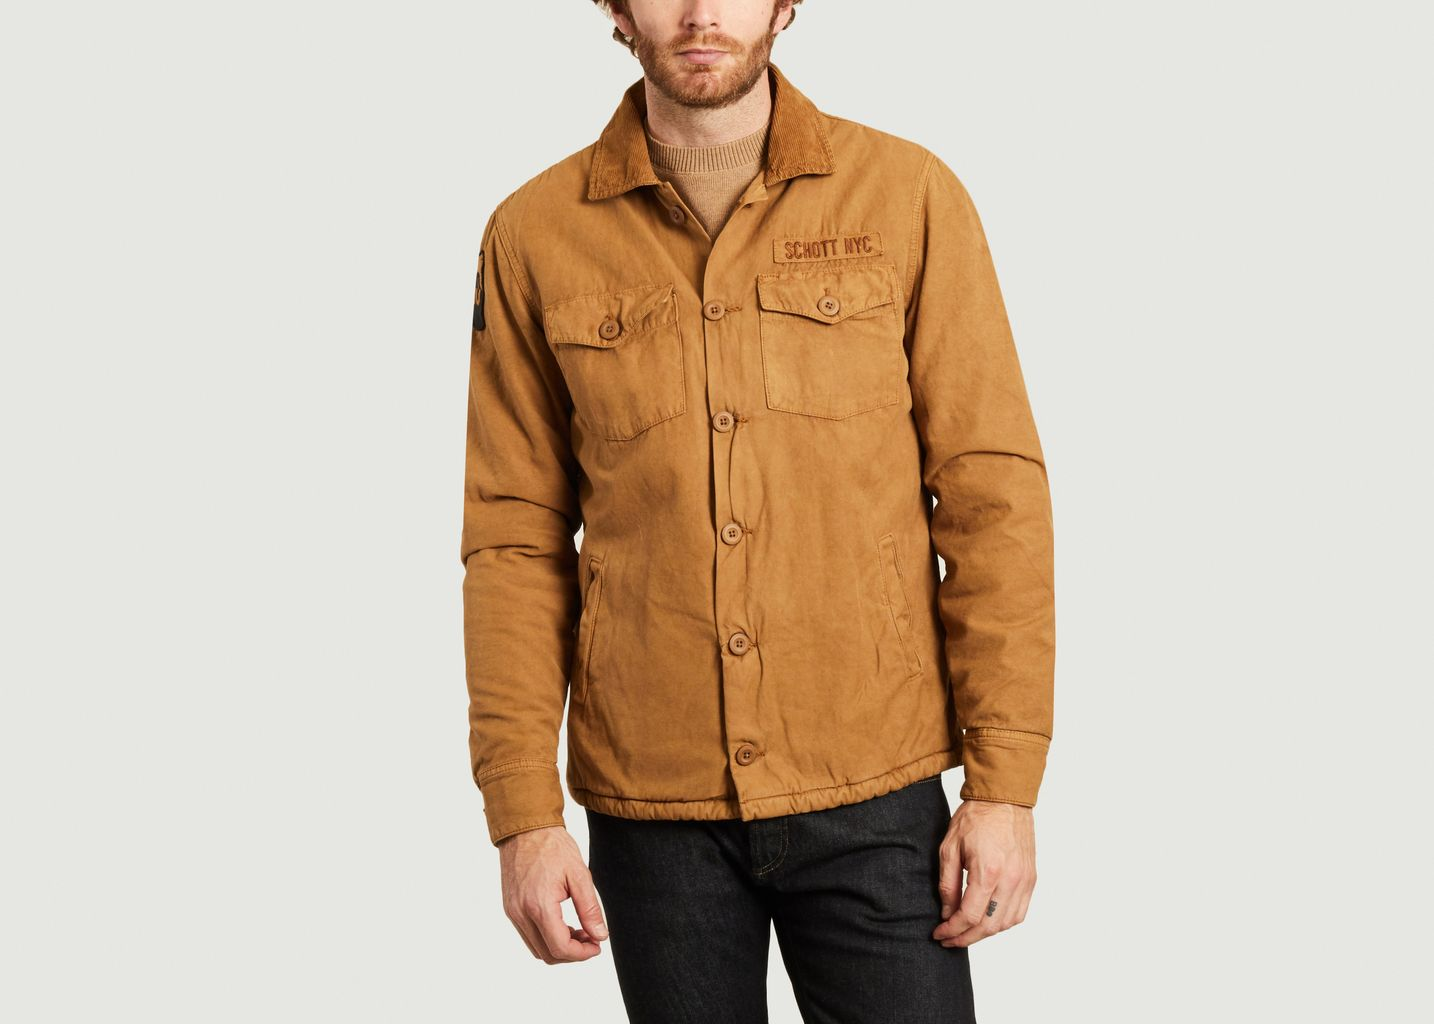 Veste en coton doublé de laine Timber2 - Schott NYC